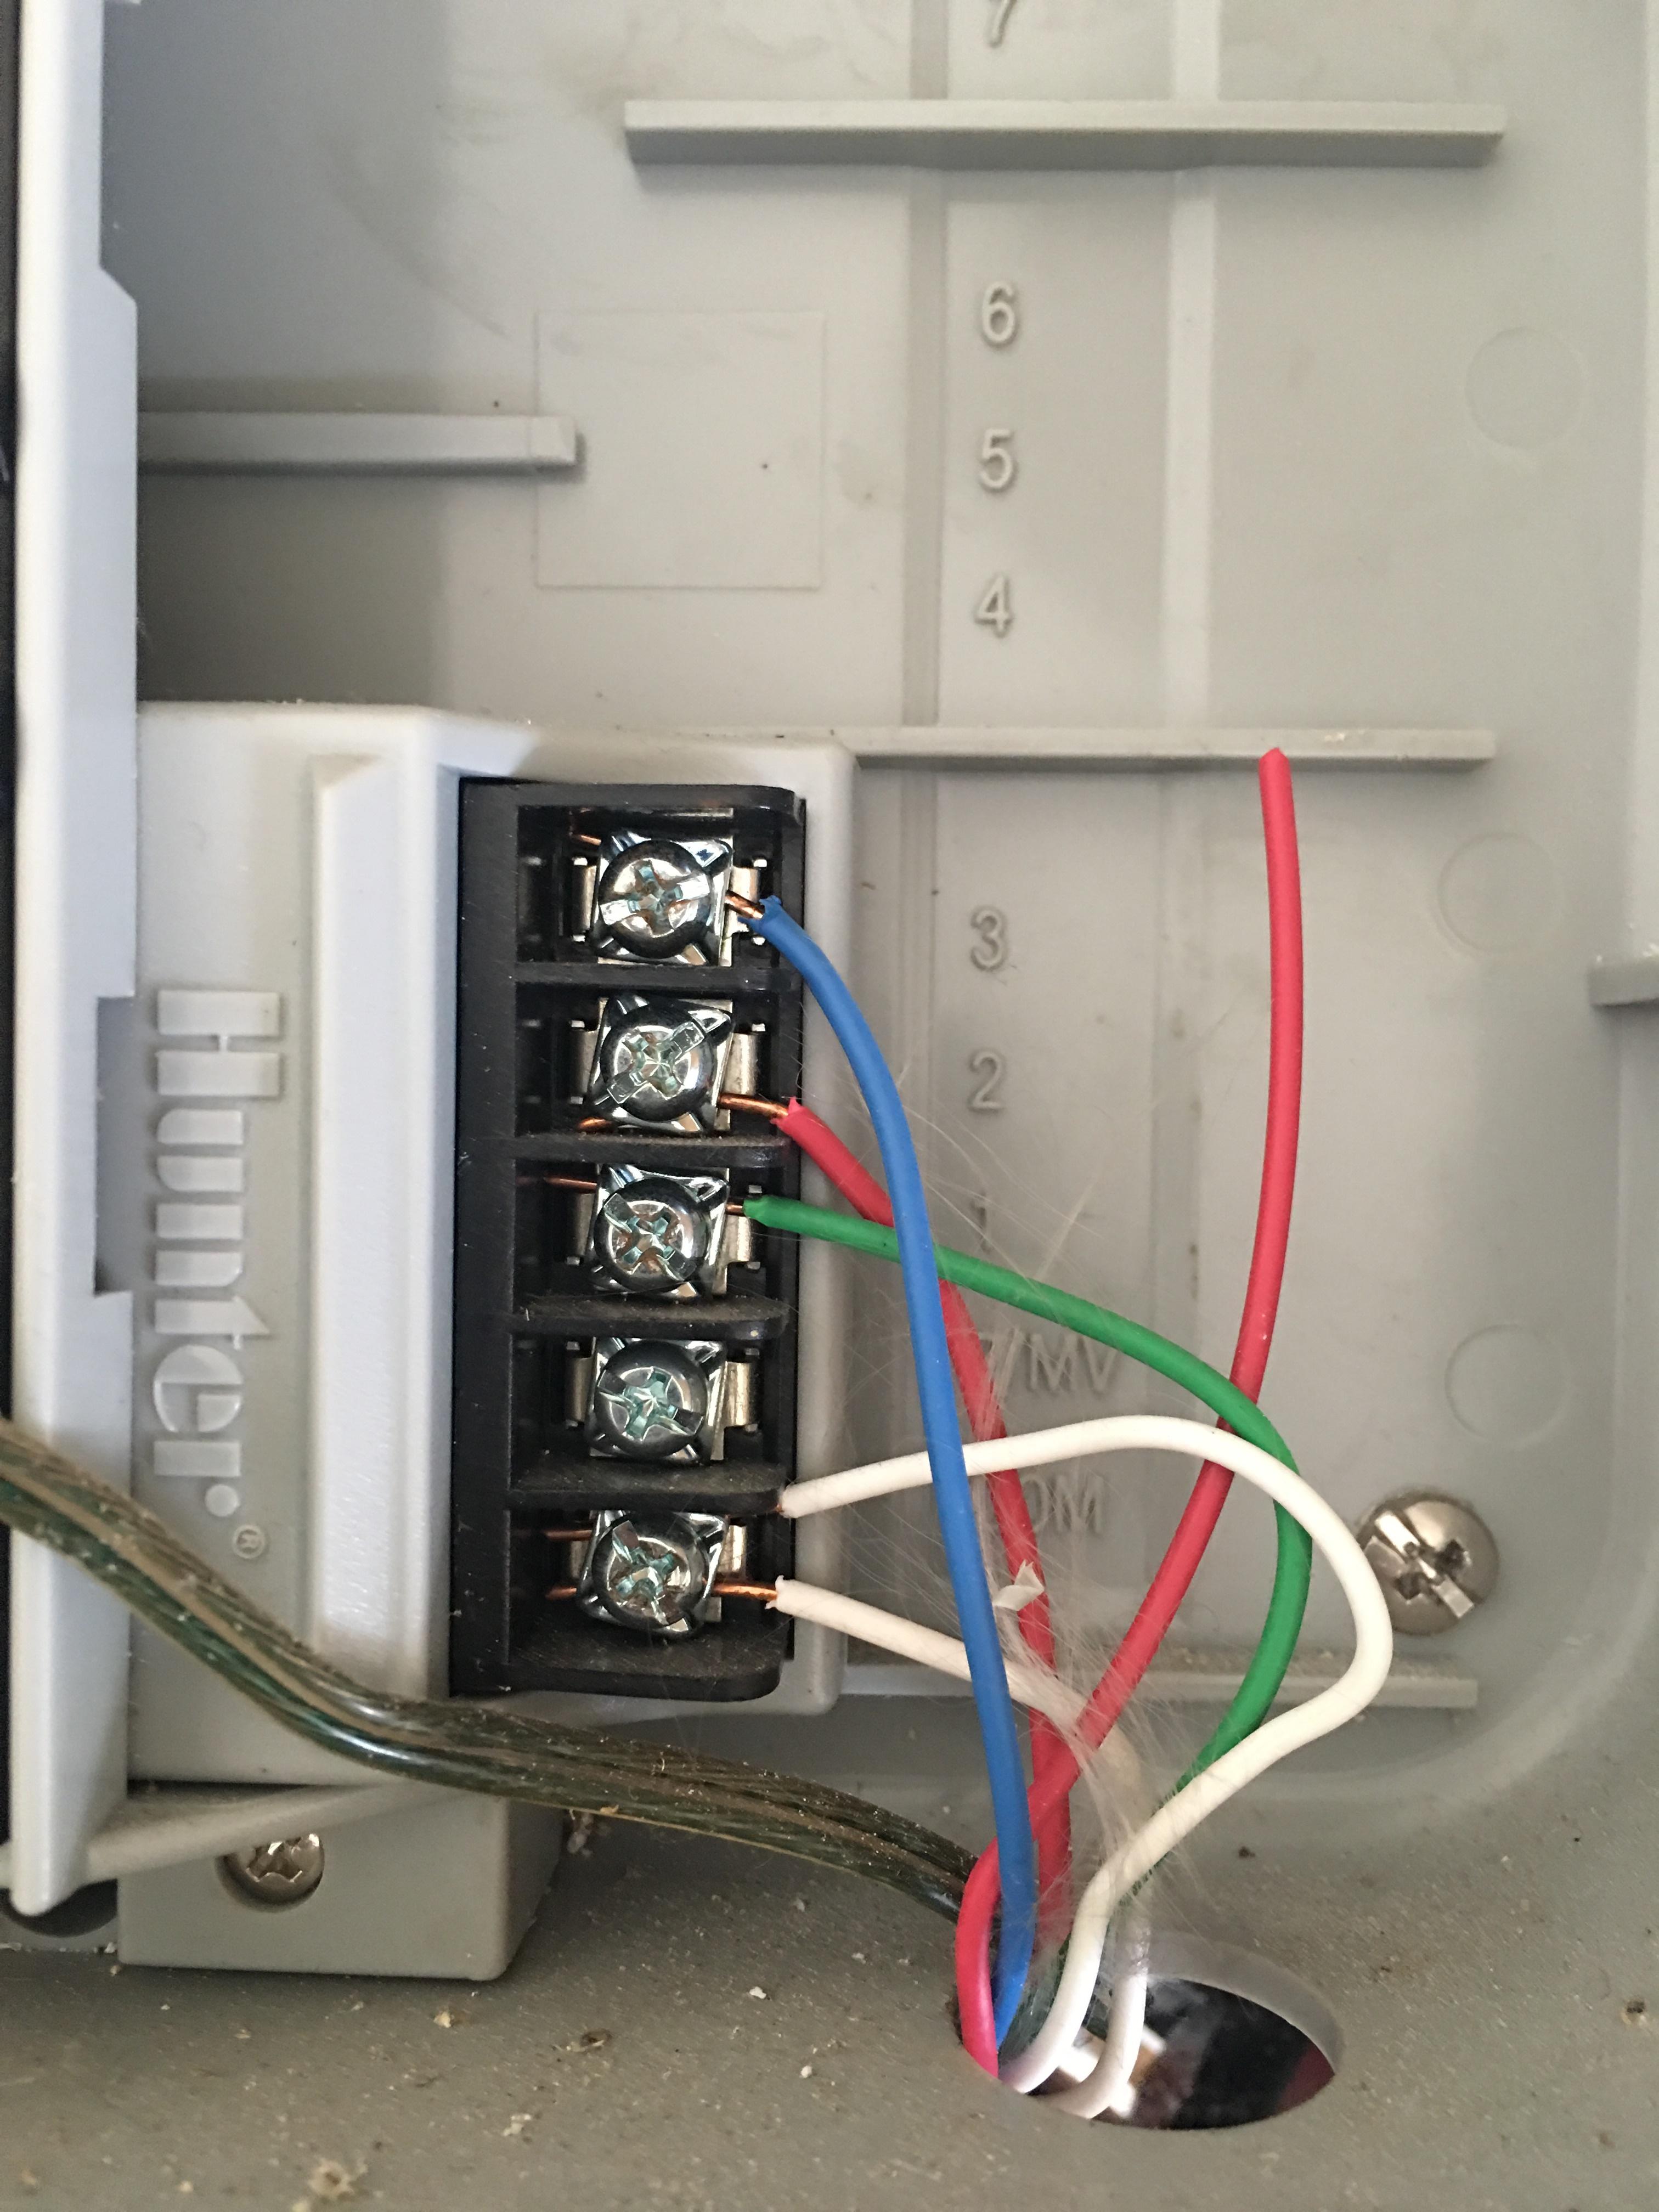 hunter pro c sprinkler system wiring diagram gm 350 carburetor 27 images